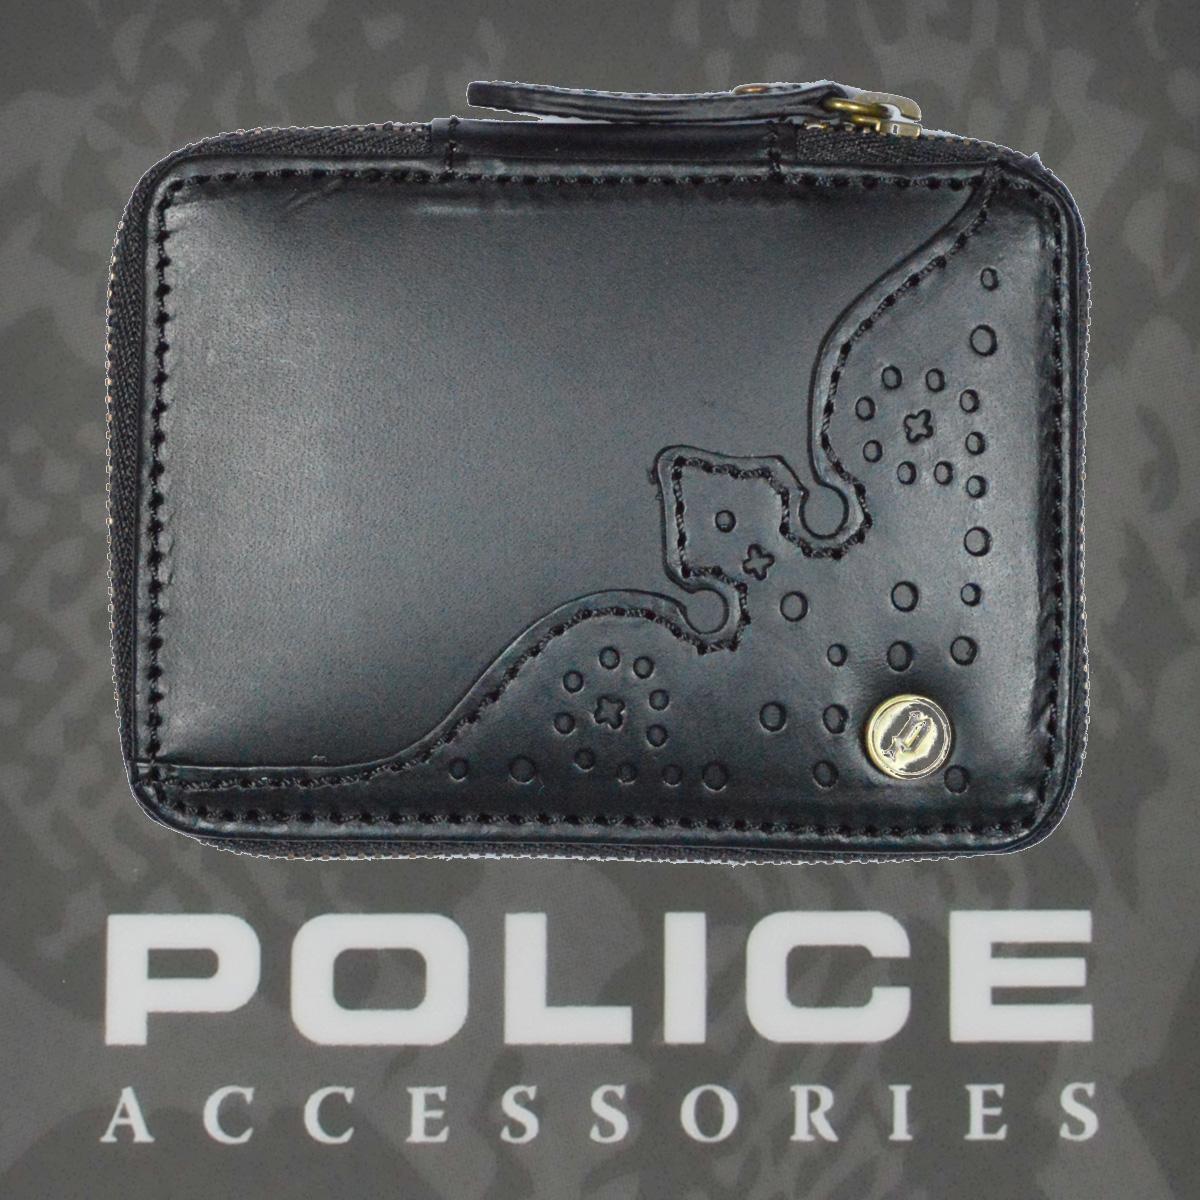 POLICE(ポリス)WINGTIP キーケース ブラック【PA-56800-10】